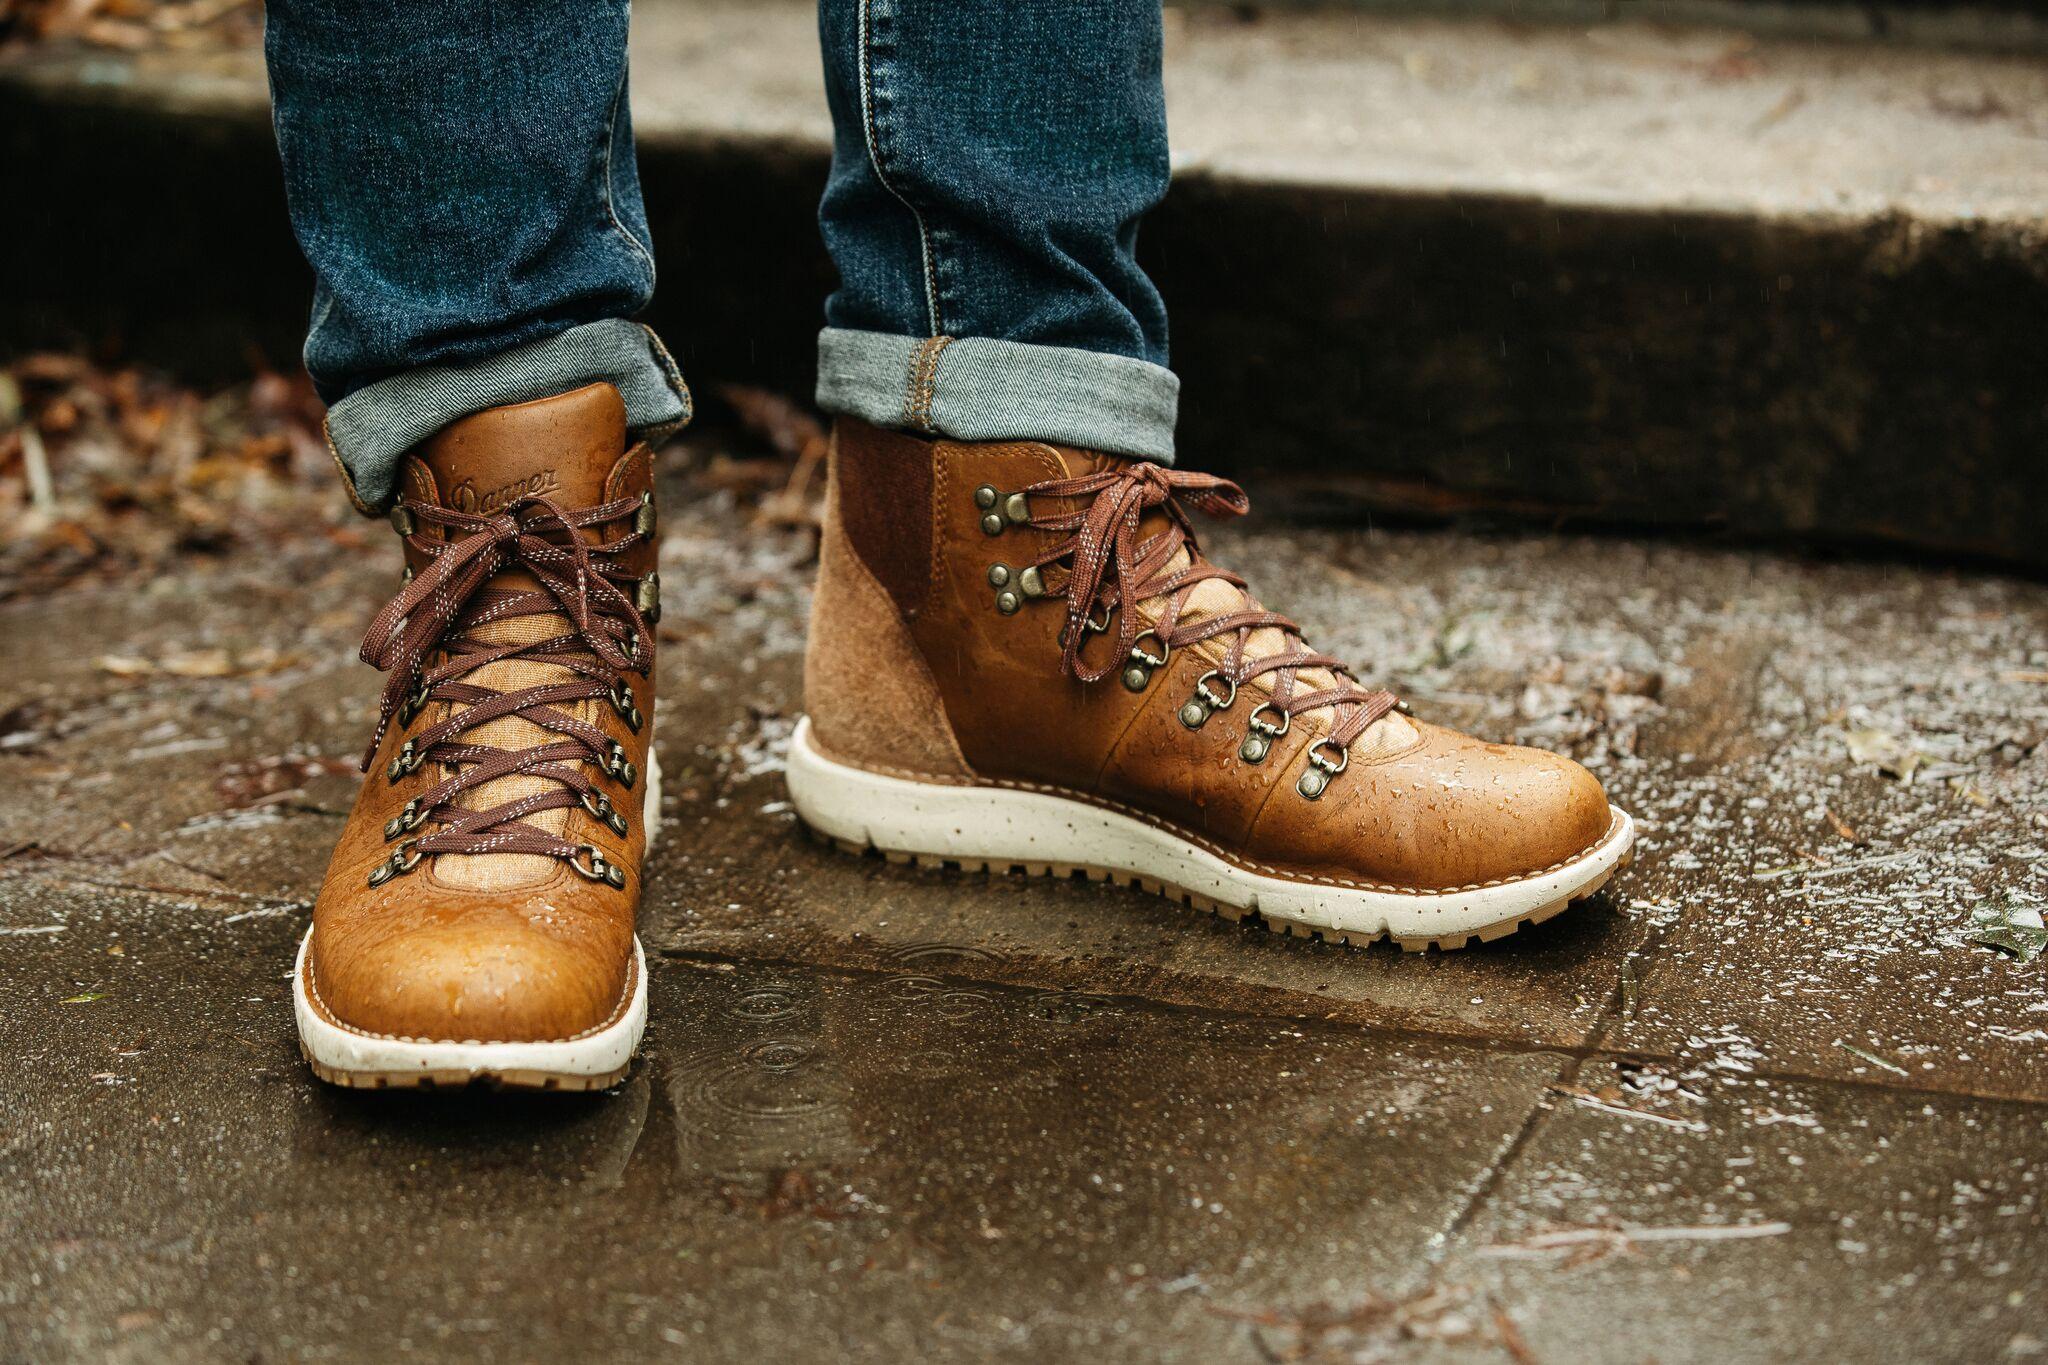 Huckberry x Danner Boots